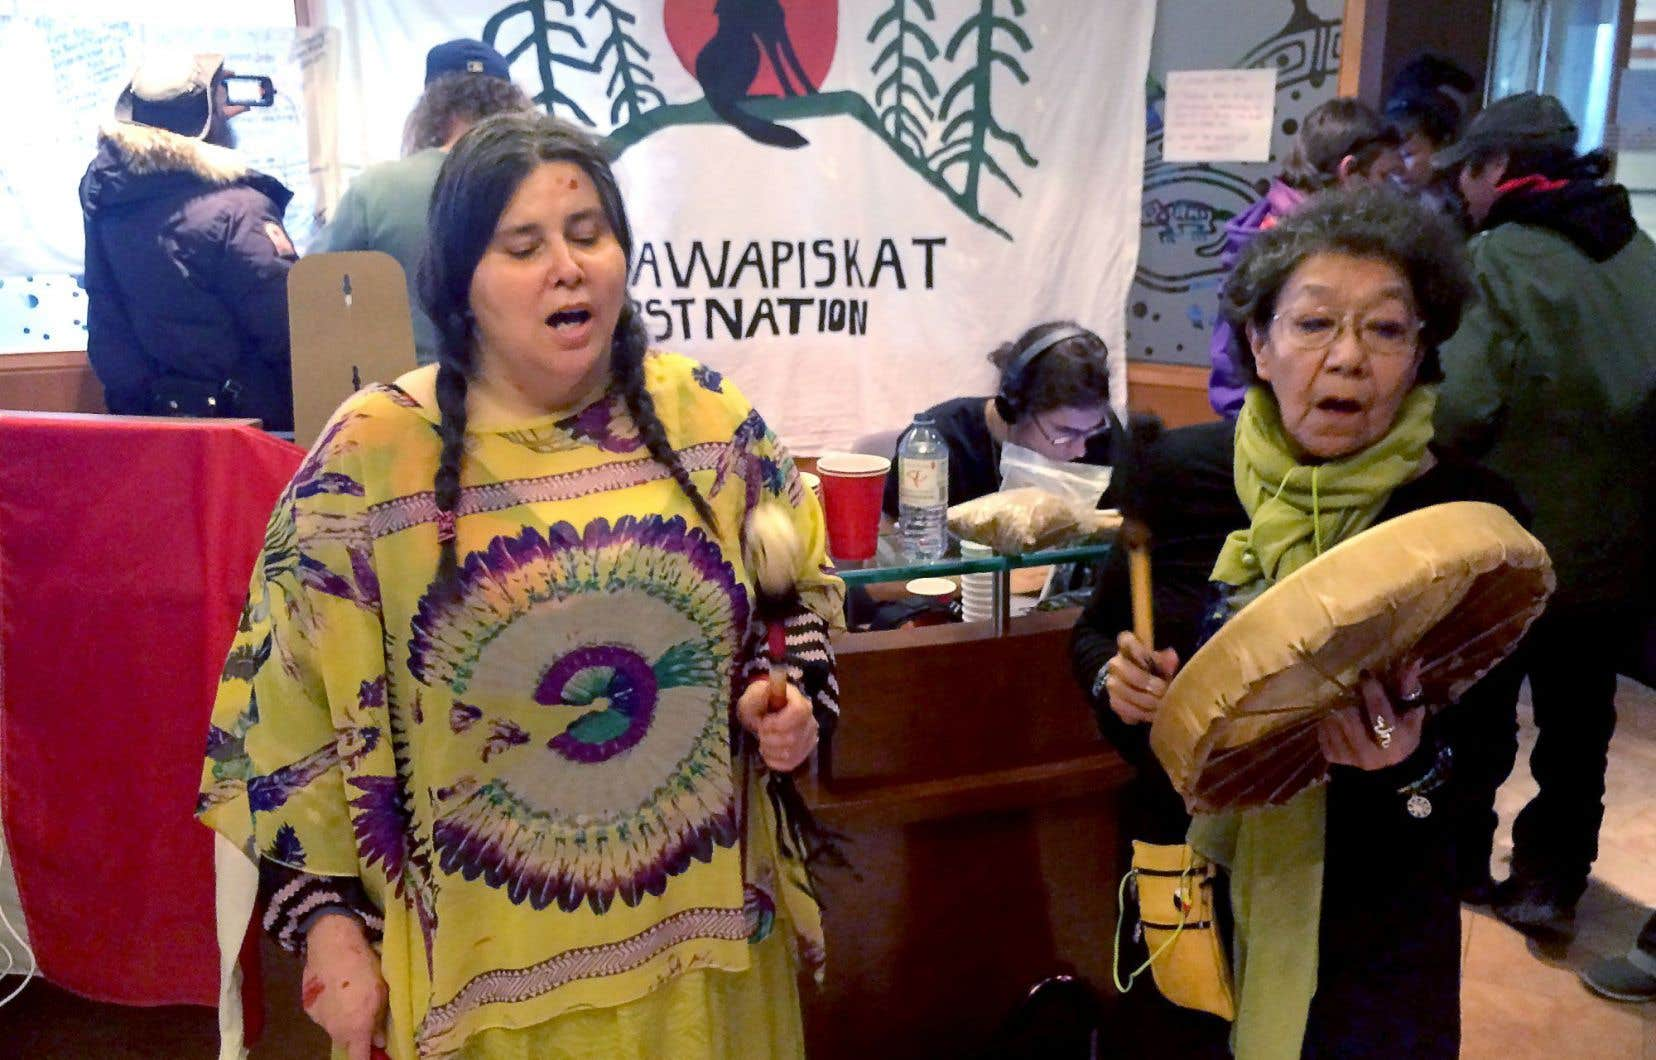 Un «sit-in» a été organisé cette semaine au bureau torontois du ministère des Affaires autochtones en solidarité avec la communauté d'Attawapiskat.